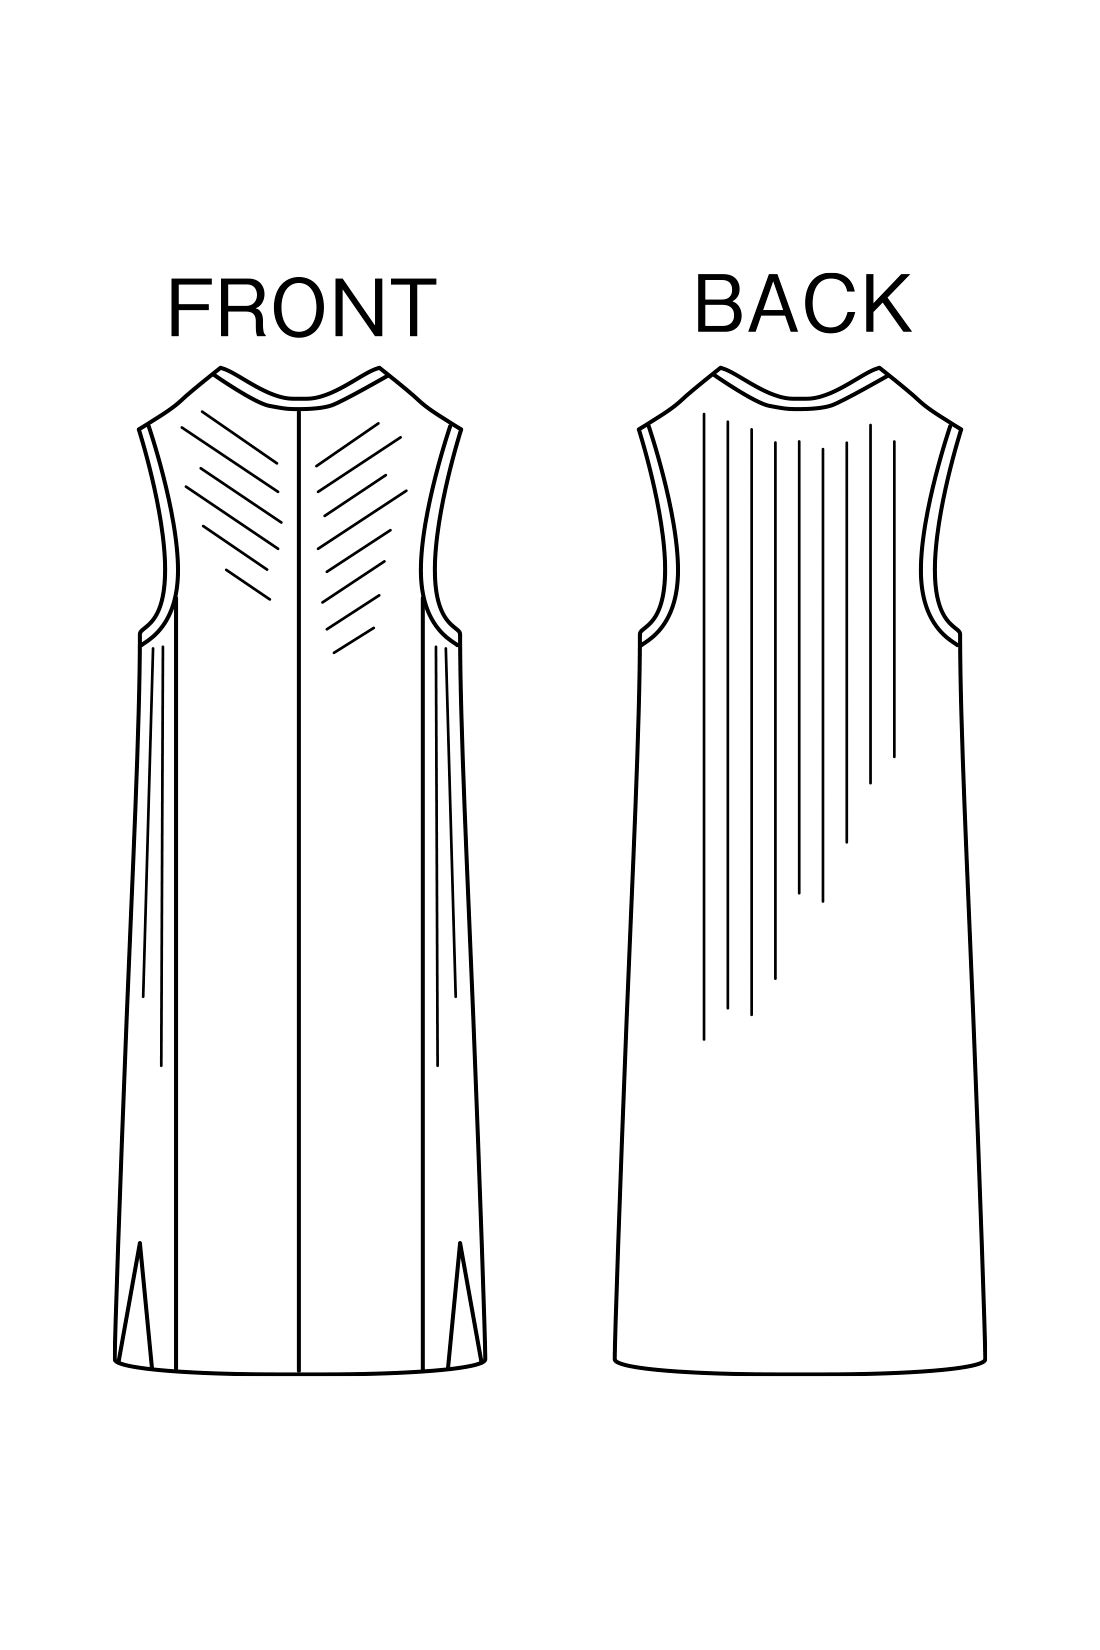 細見せ編み地と縦長のIライン 縦長感を強調するV字とリブを組み合わせた編み立てと長めの丈感が特徴。